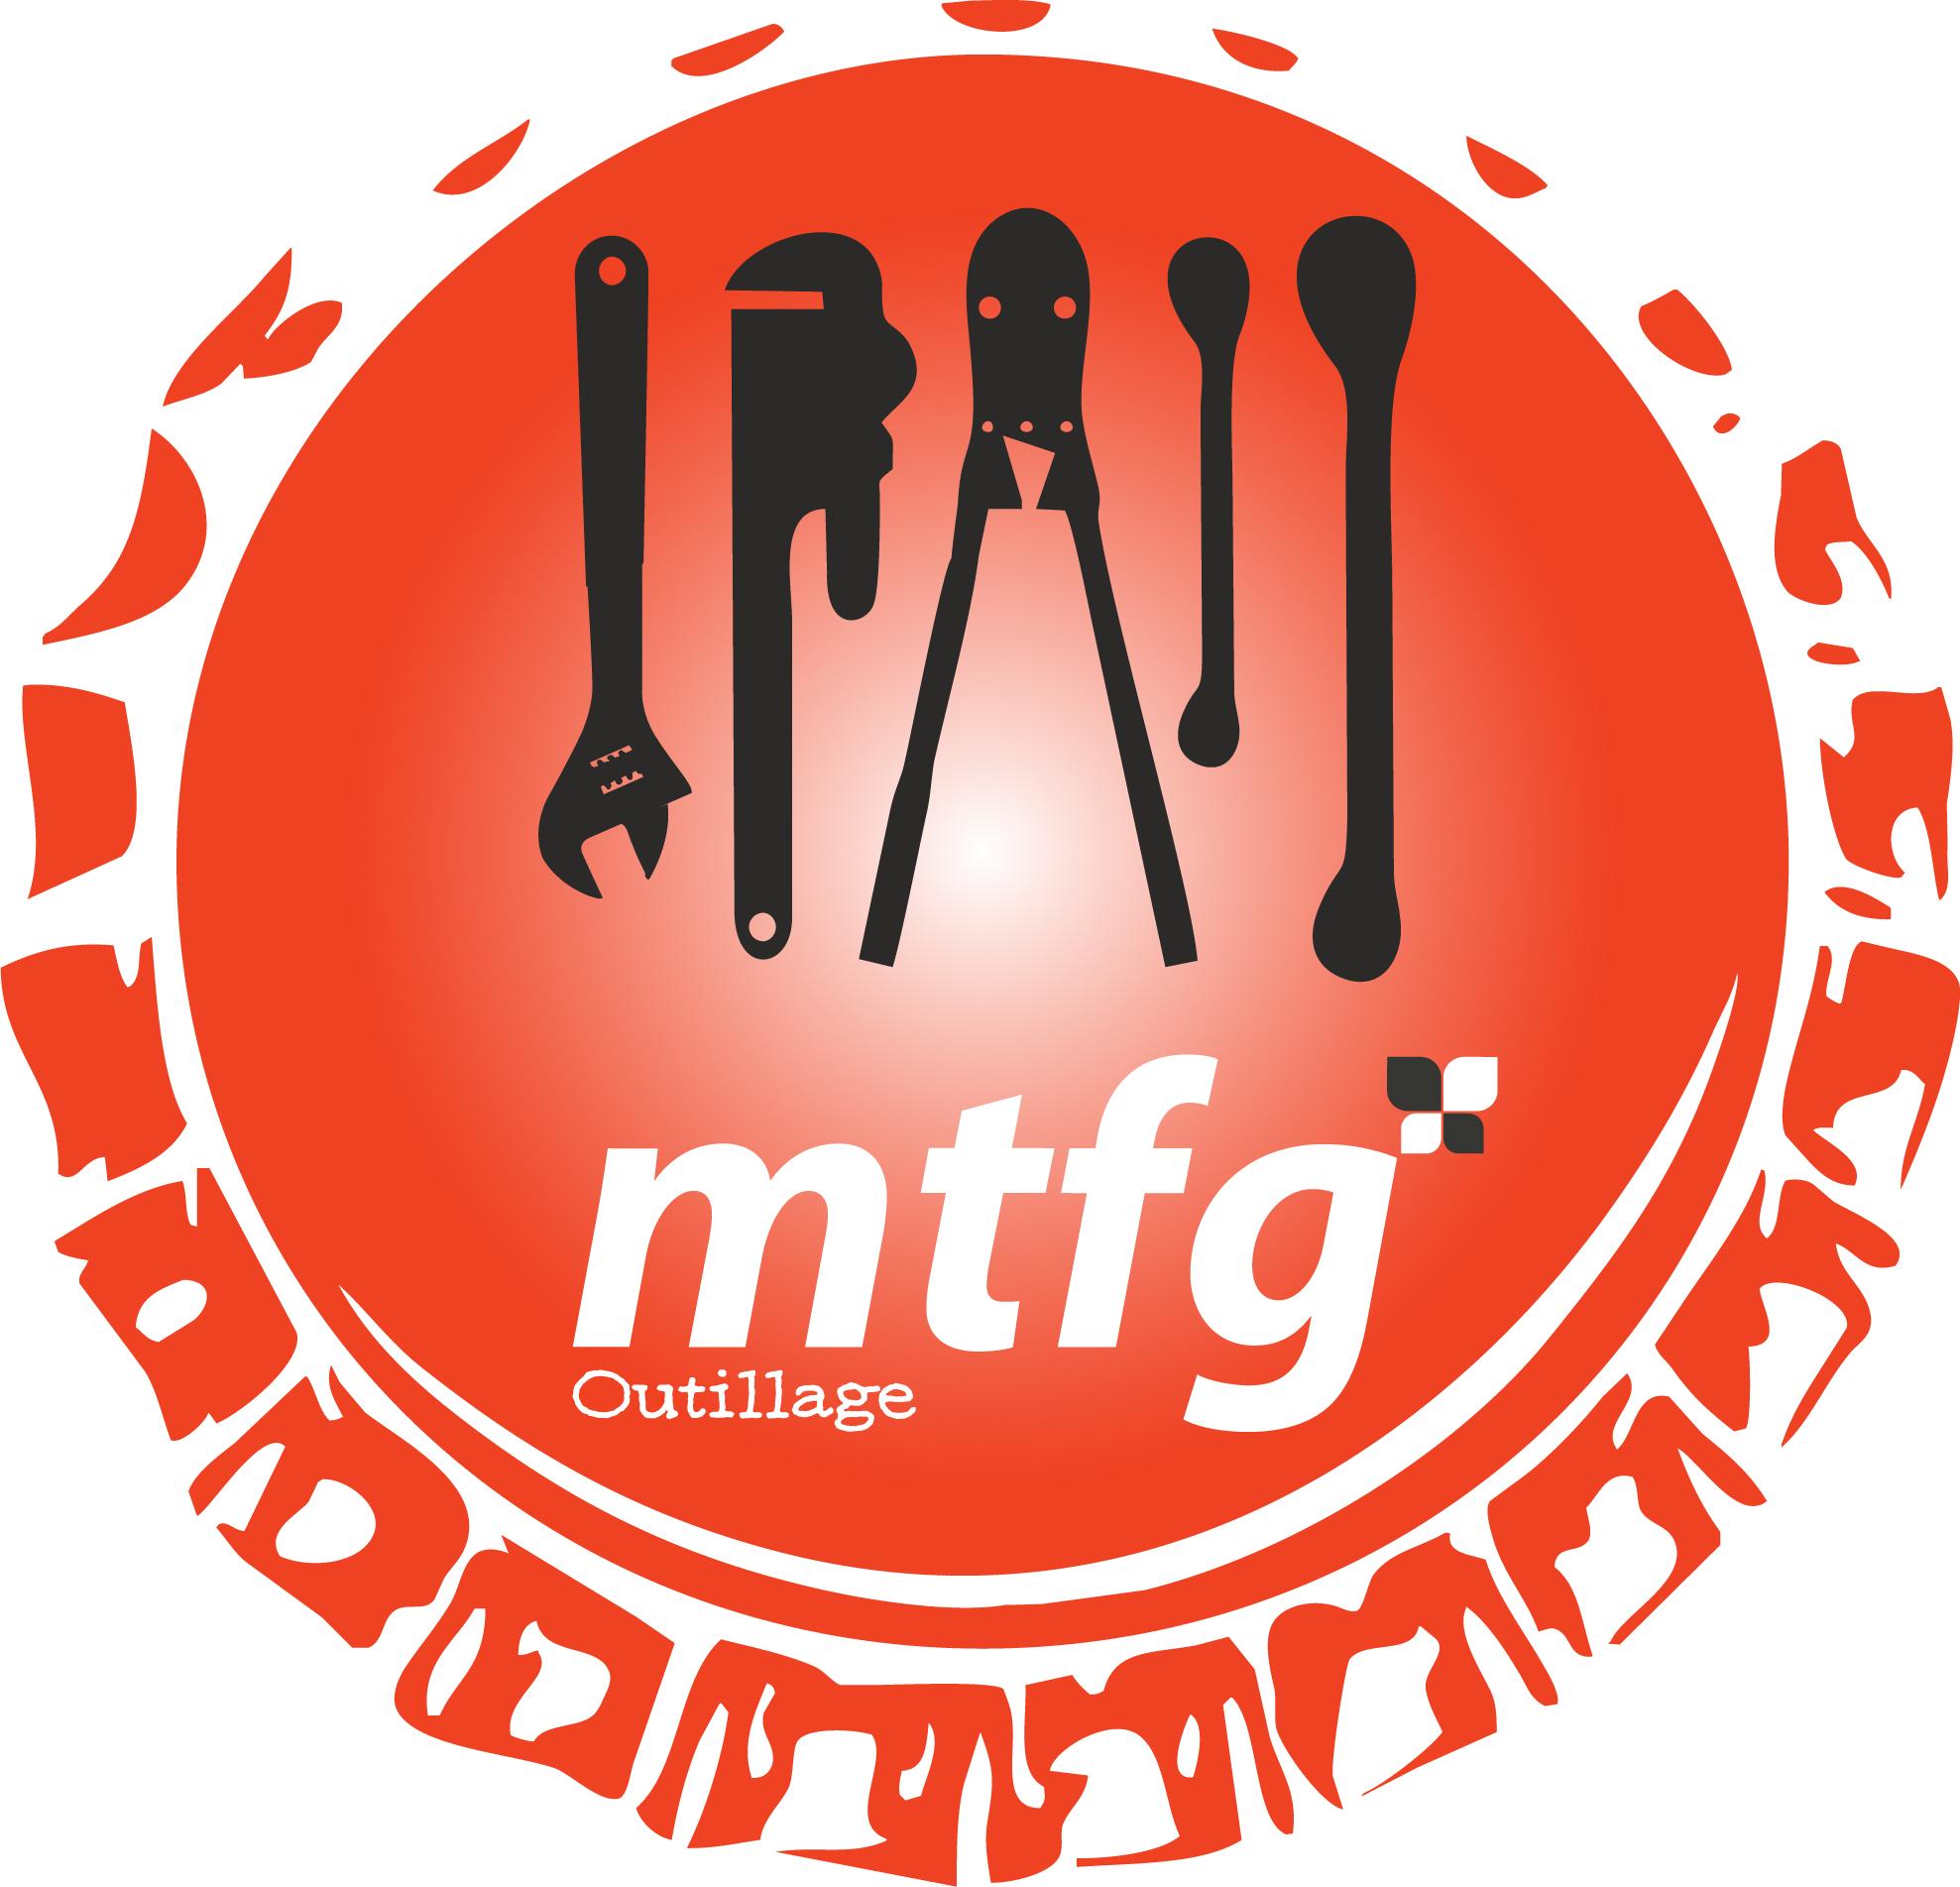 MTFG Outillage